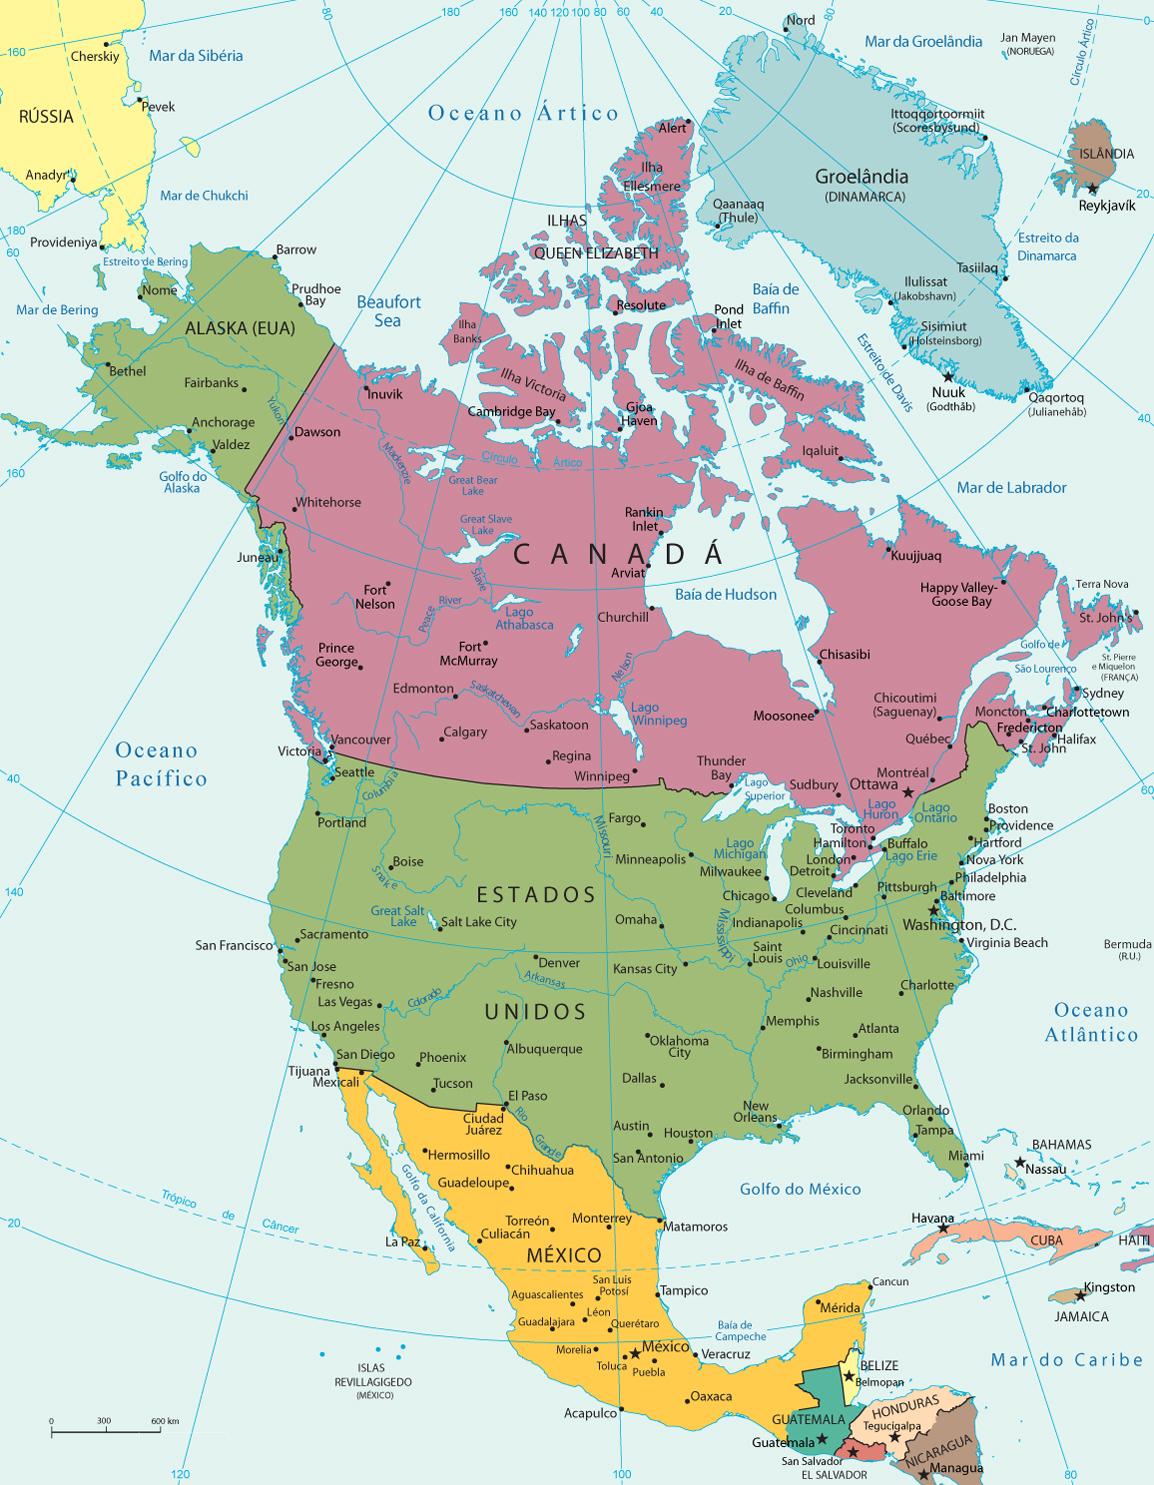 mapa america do norte Mapa da América do Norte mapa america do norte